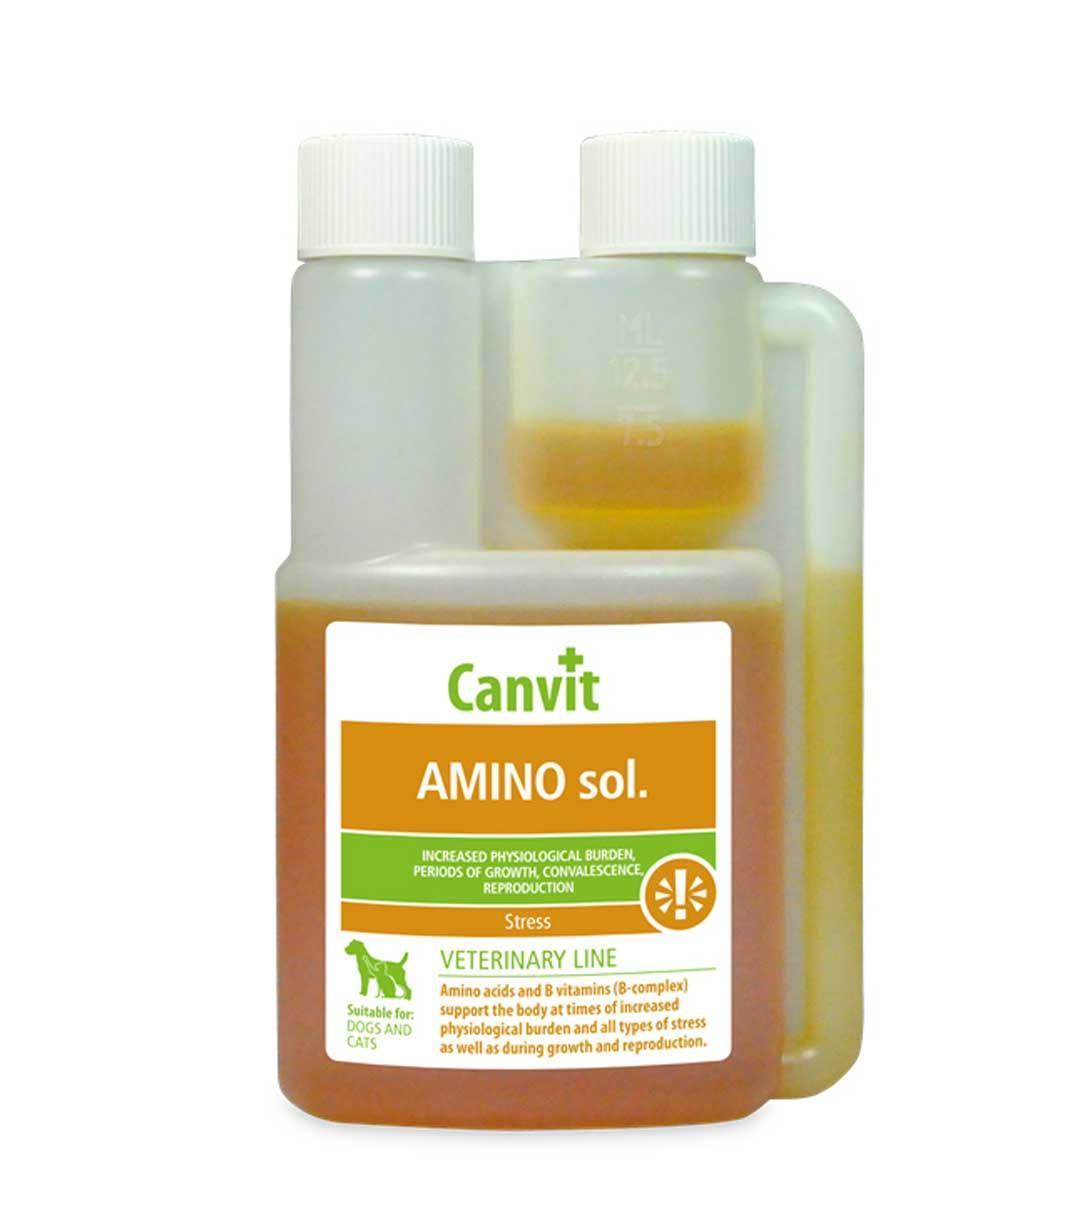 Аминосол иммуномодулятор для всех видов животных Aminosol Canvit 250 мл